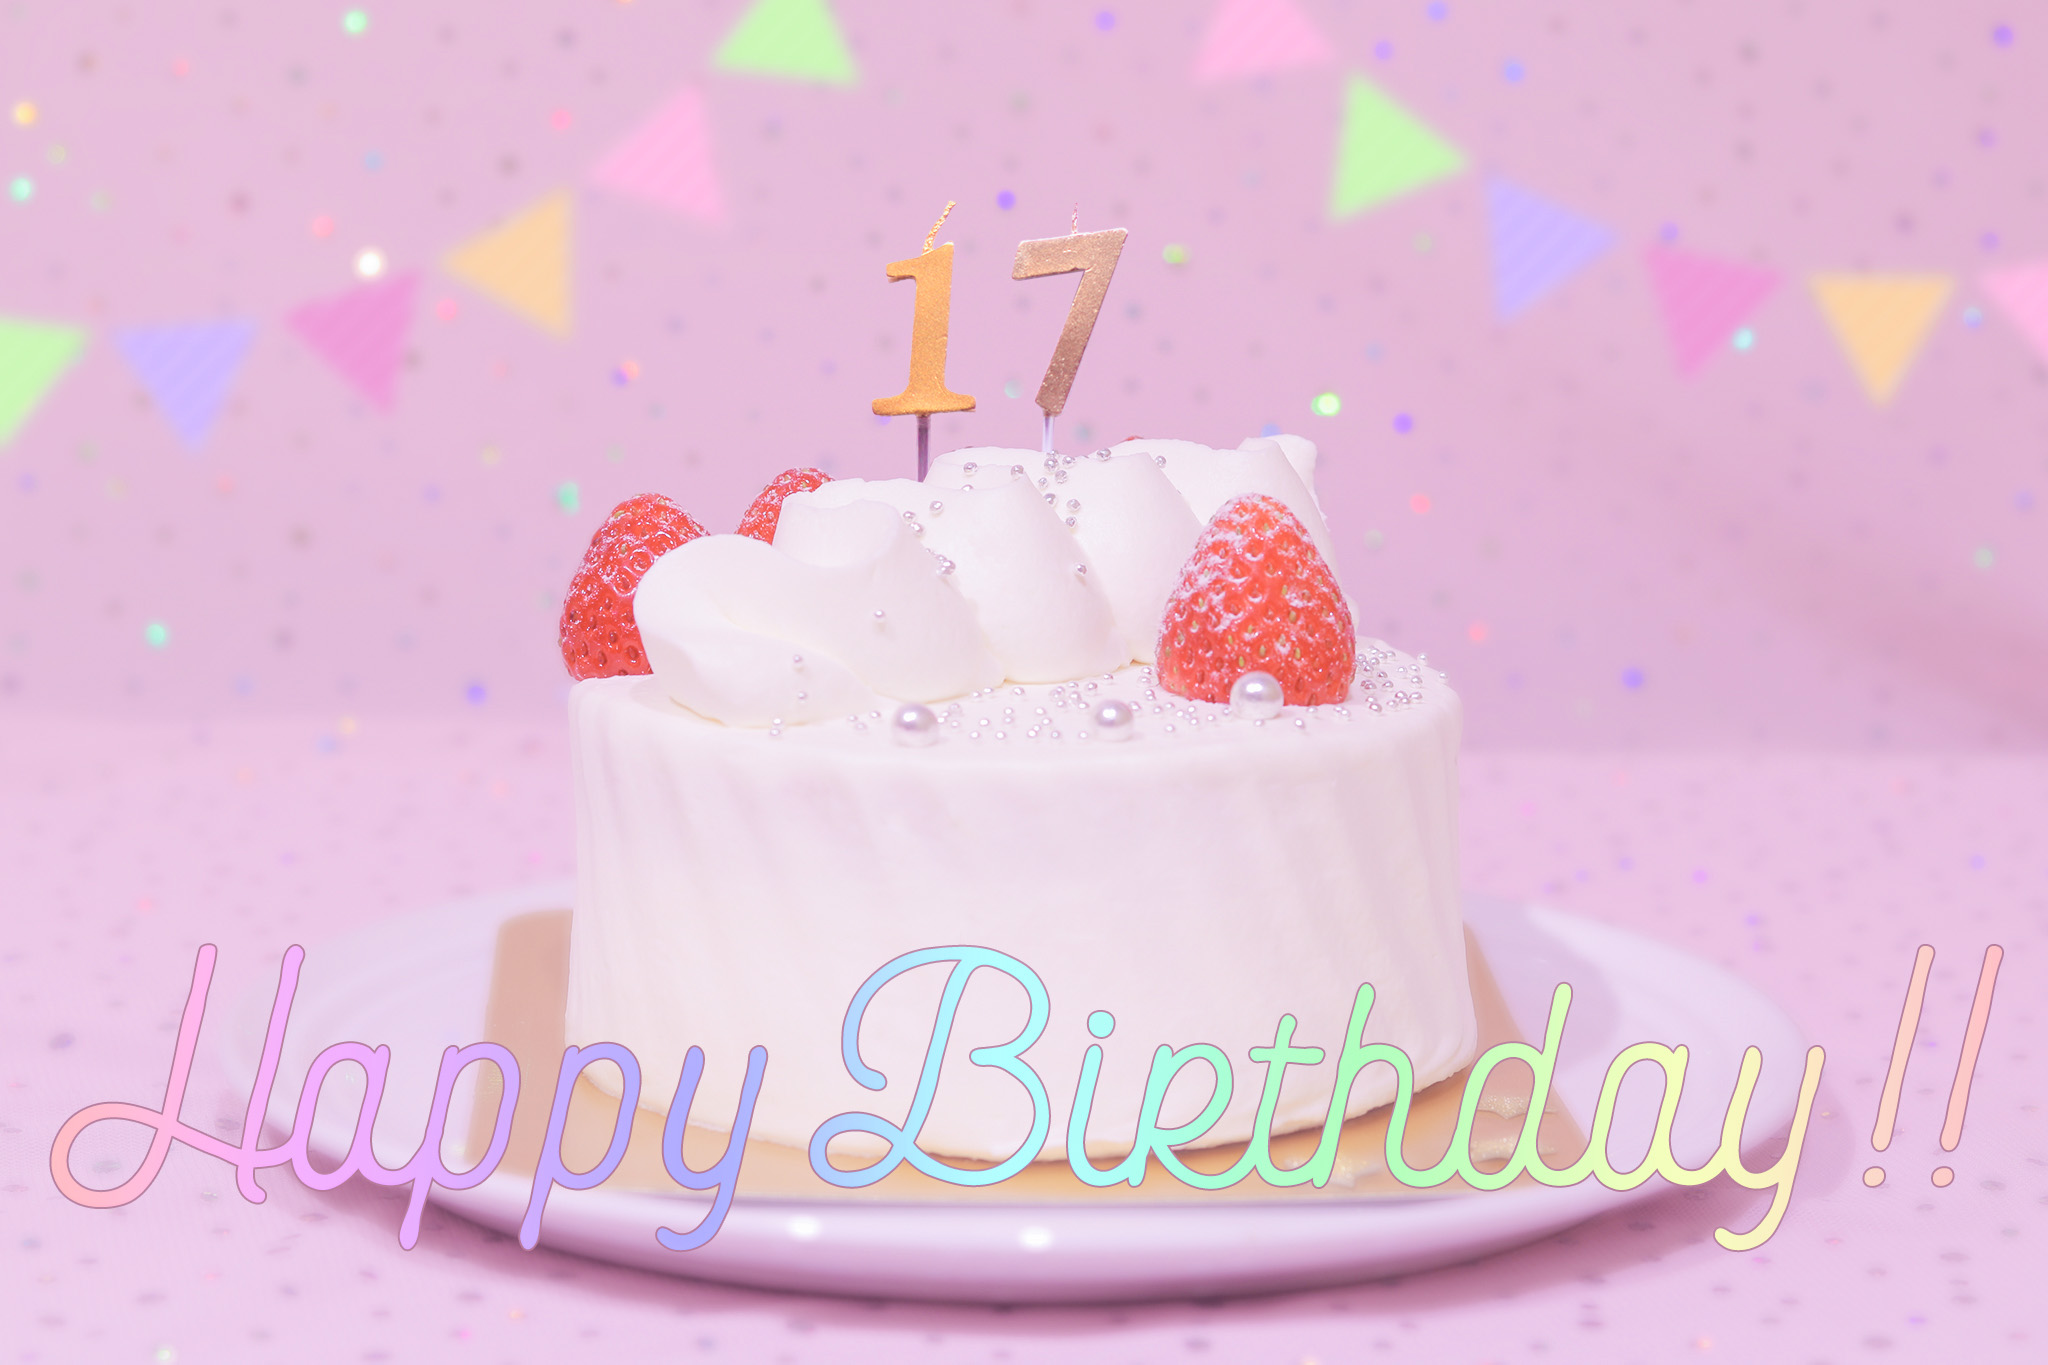 三浦涼菜の誕生日や年齢、出身や学歴、家族構成は?インスタ情報も1